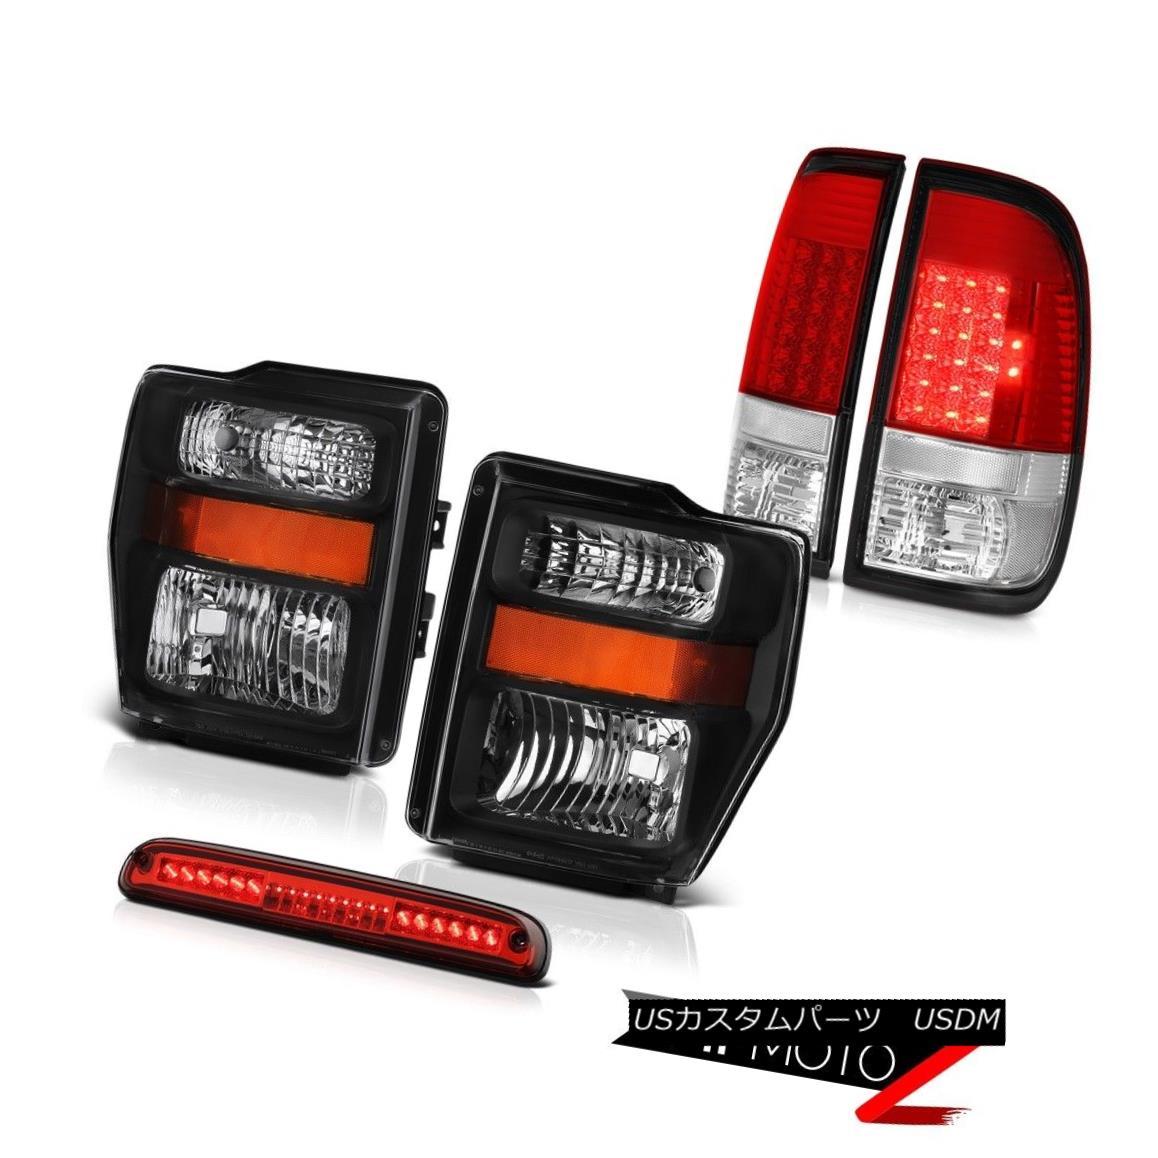 テールライト 2008-2010 F350 6.8L Jet Black Headlights LED Signal Taillamps Wine Red 3rd Brake 2008-2010 F350 6.8LジェットブラックヘッドライトLEDシグナルタイヤルンプワインレッド第3ブレーキ